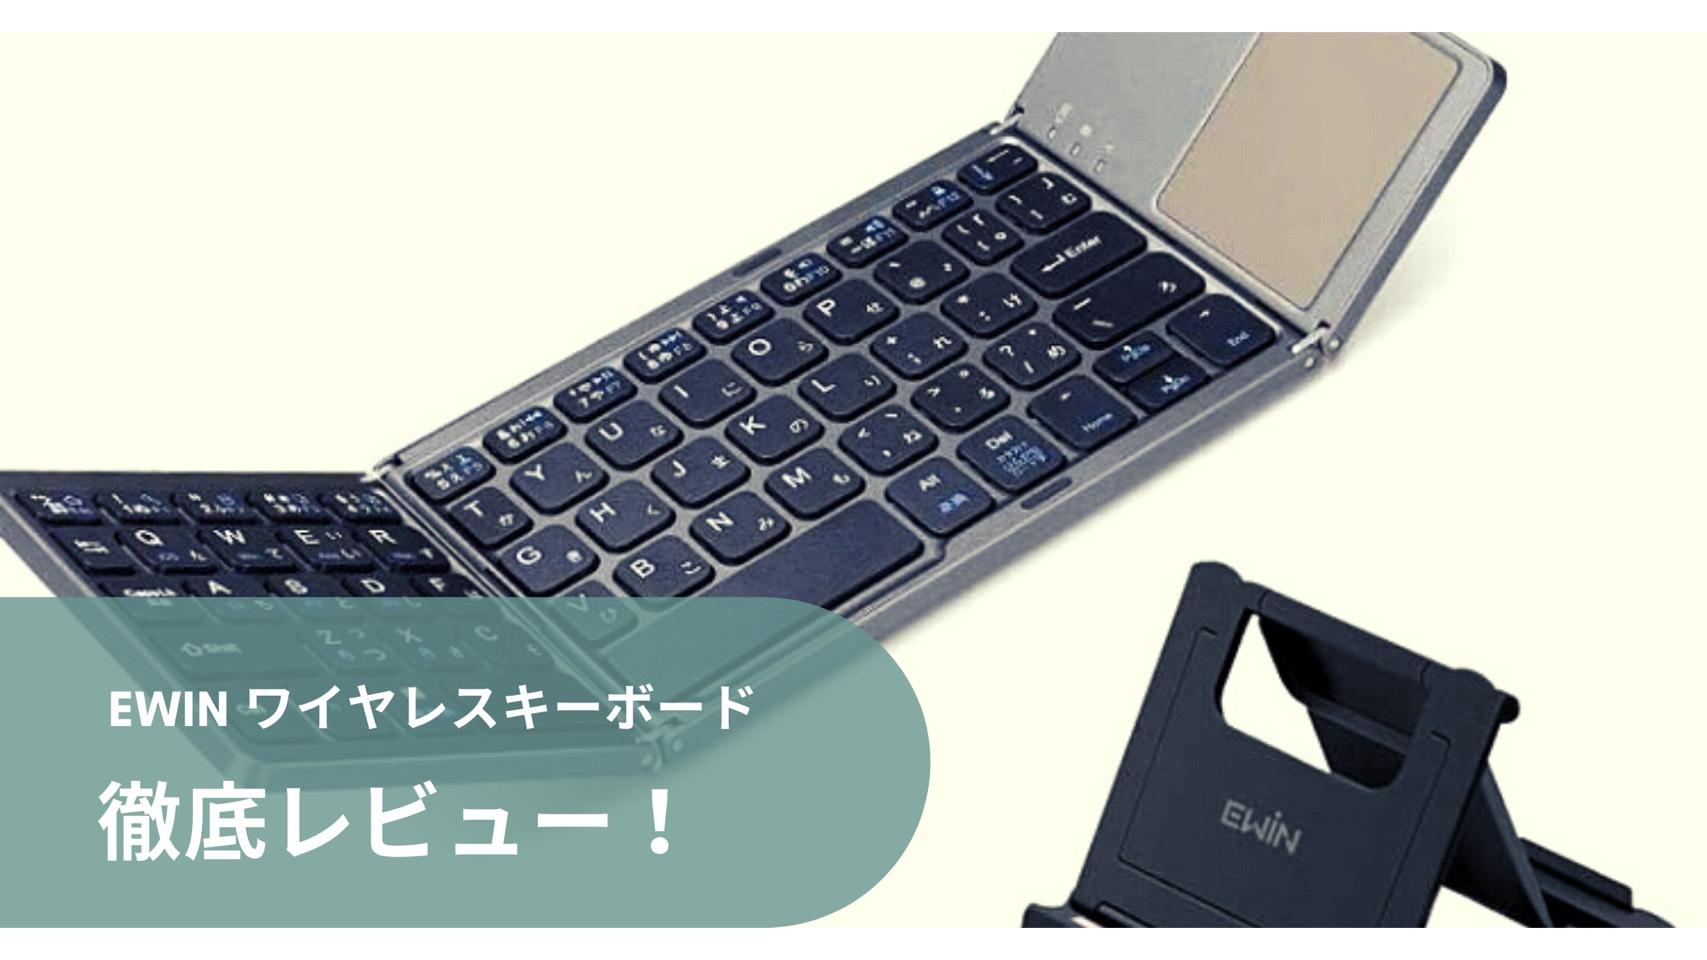 EWINワイヤレスキーボード